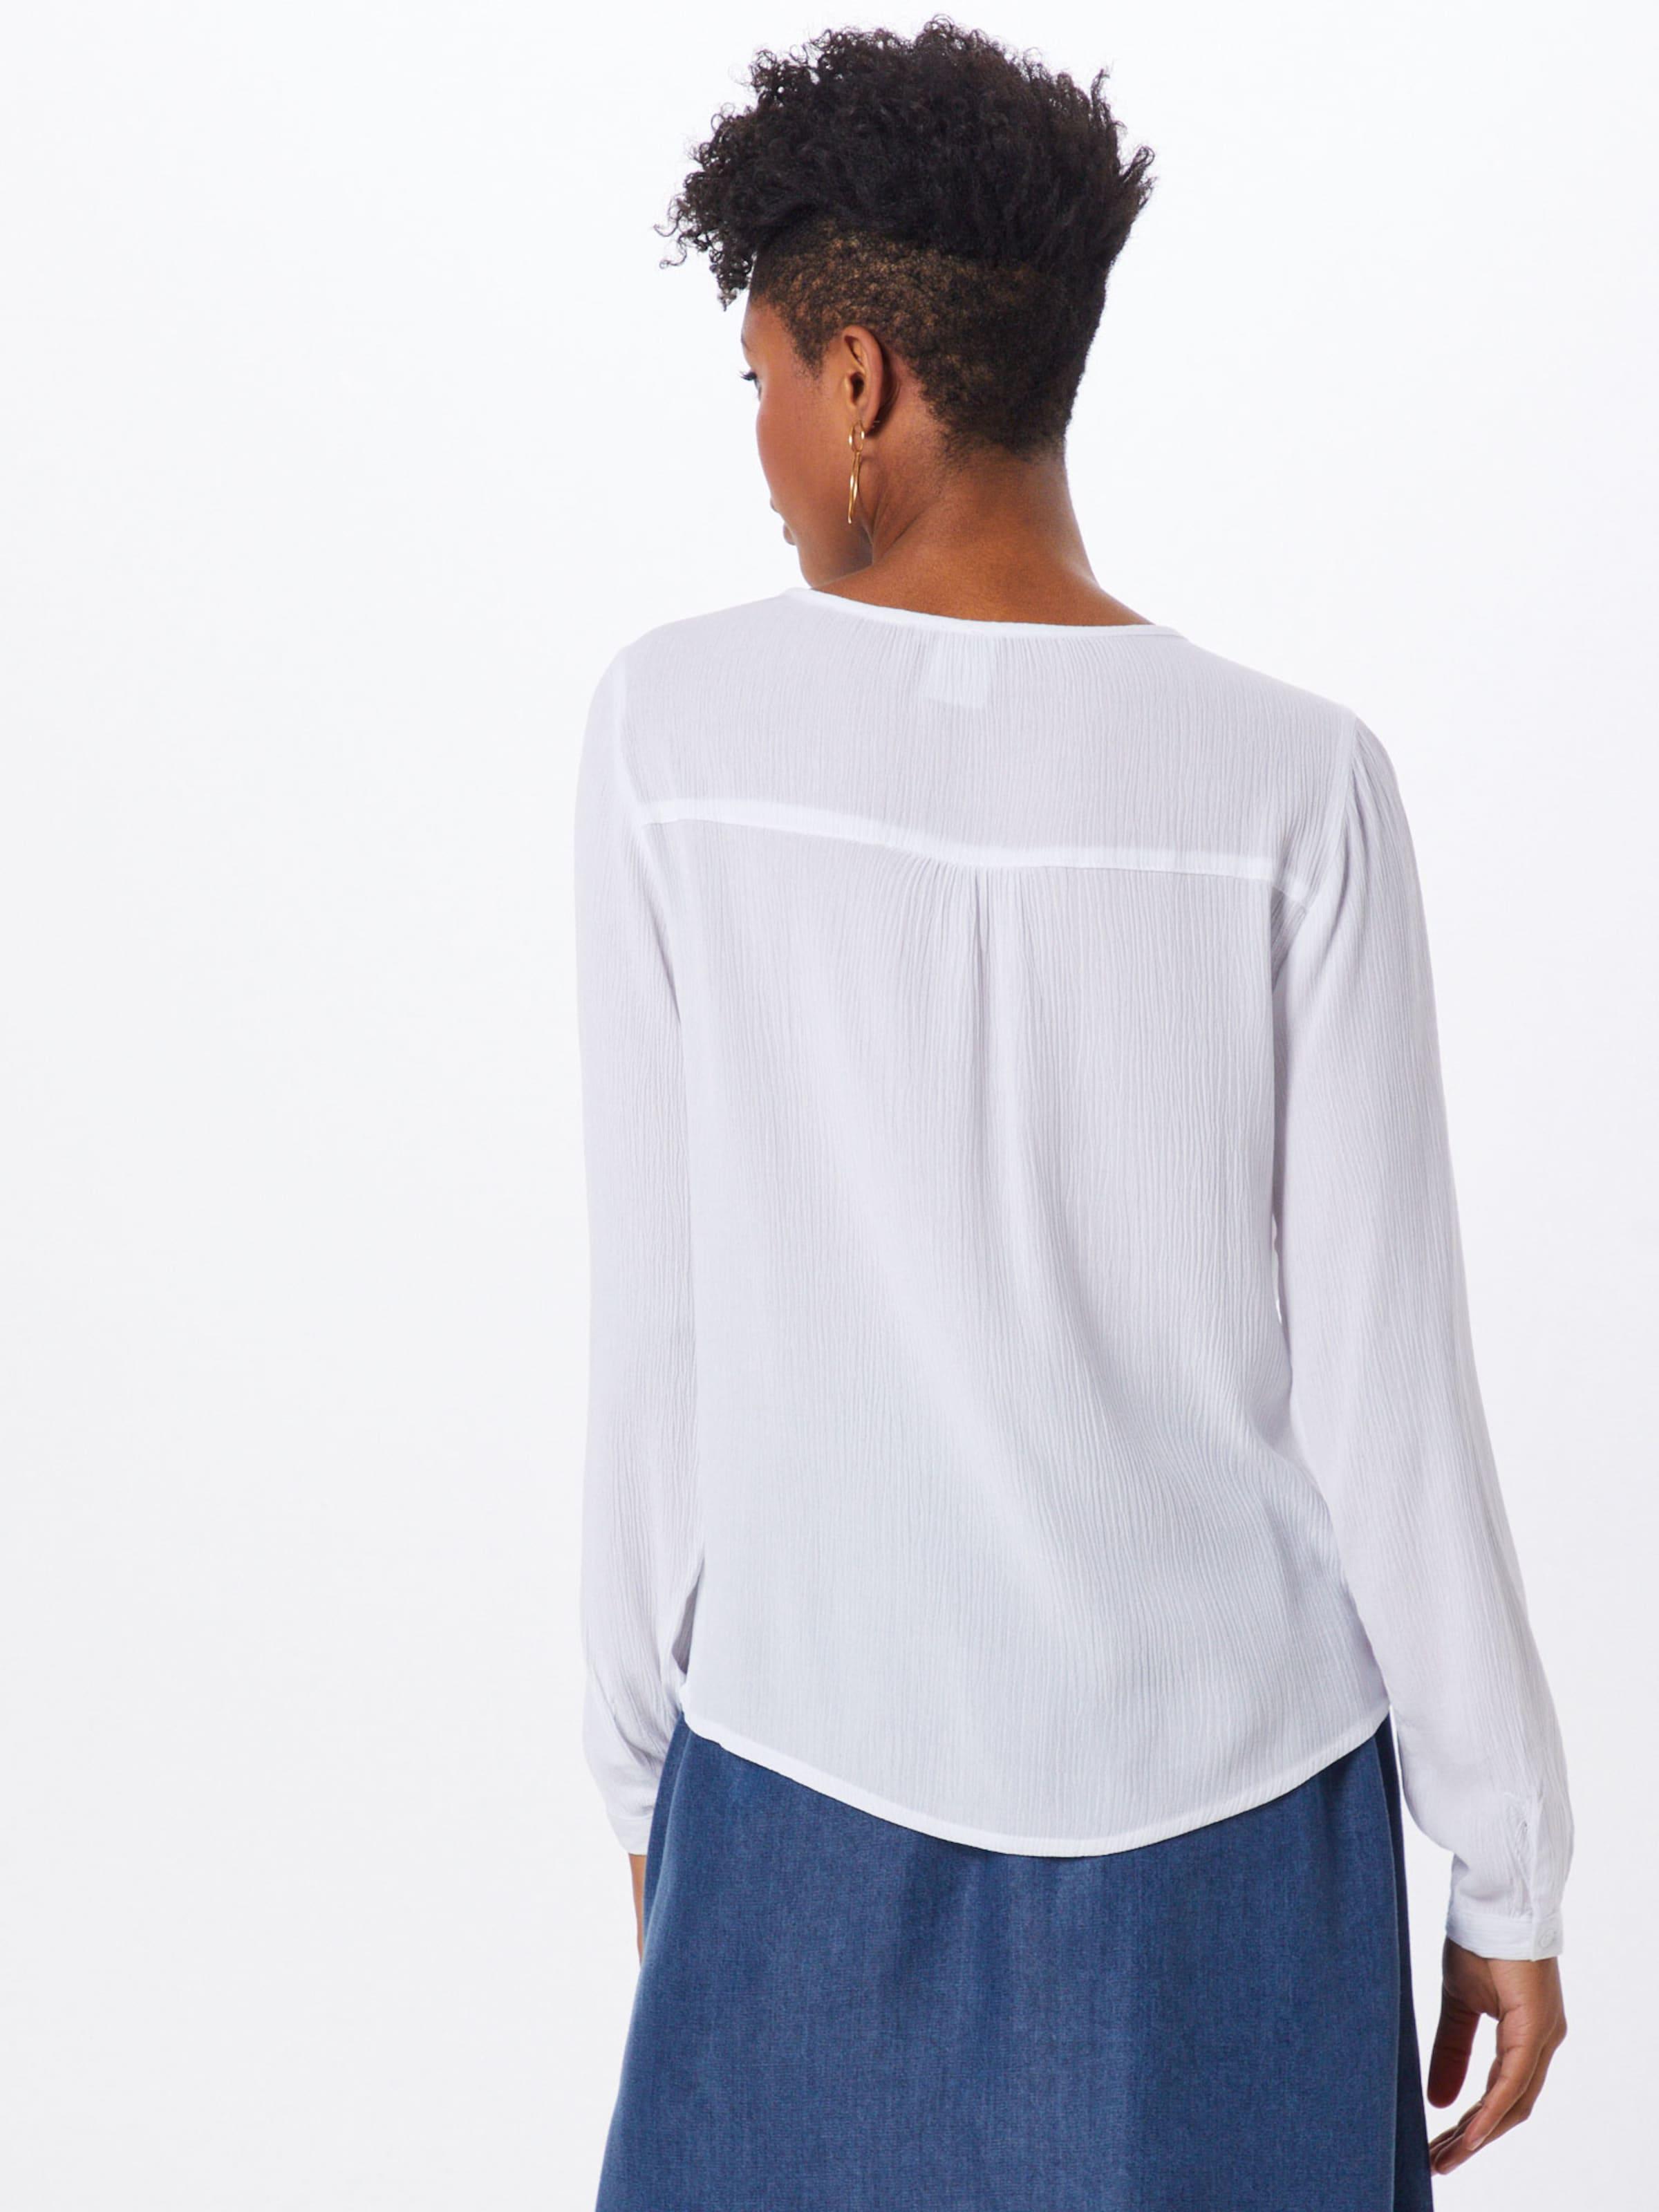 Blusen Ichi In 'ihmarrakech' Blusen Ichi In 'ihmarrakech' In Weiß Blusen Ichi 'ihmarrakech' Weiß uTlc3FKJ1